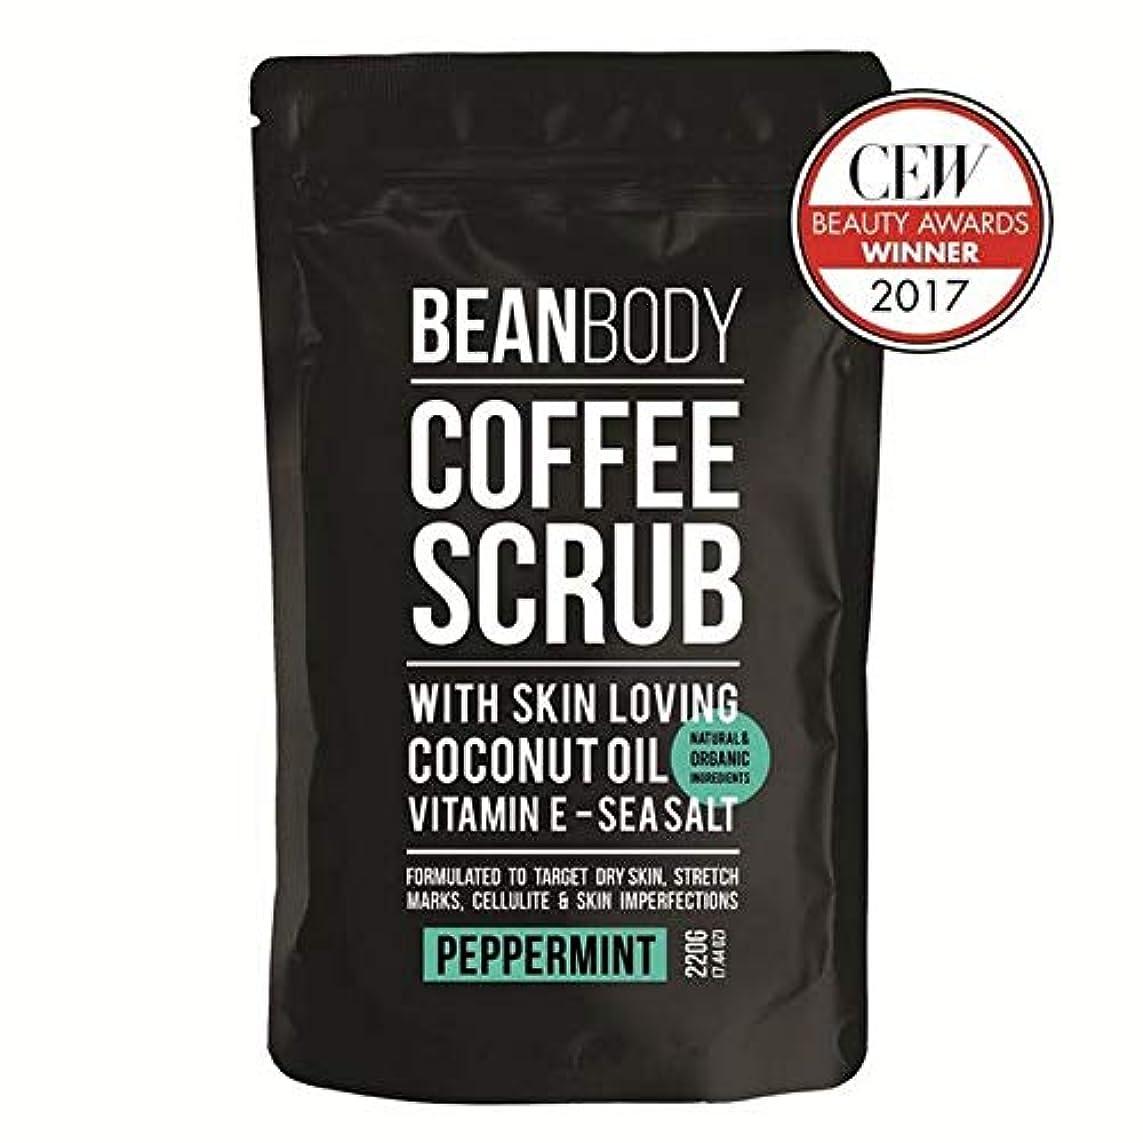 デンマークジャンプする精神[Bean Body ] 豆のボディコーヒースクラブ、ペパーミント220グラム - Bean Body Coffee Scrub, Peppermint 220g [並行輸入品]